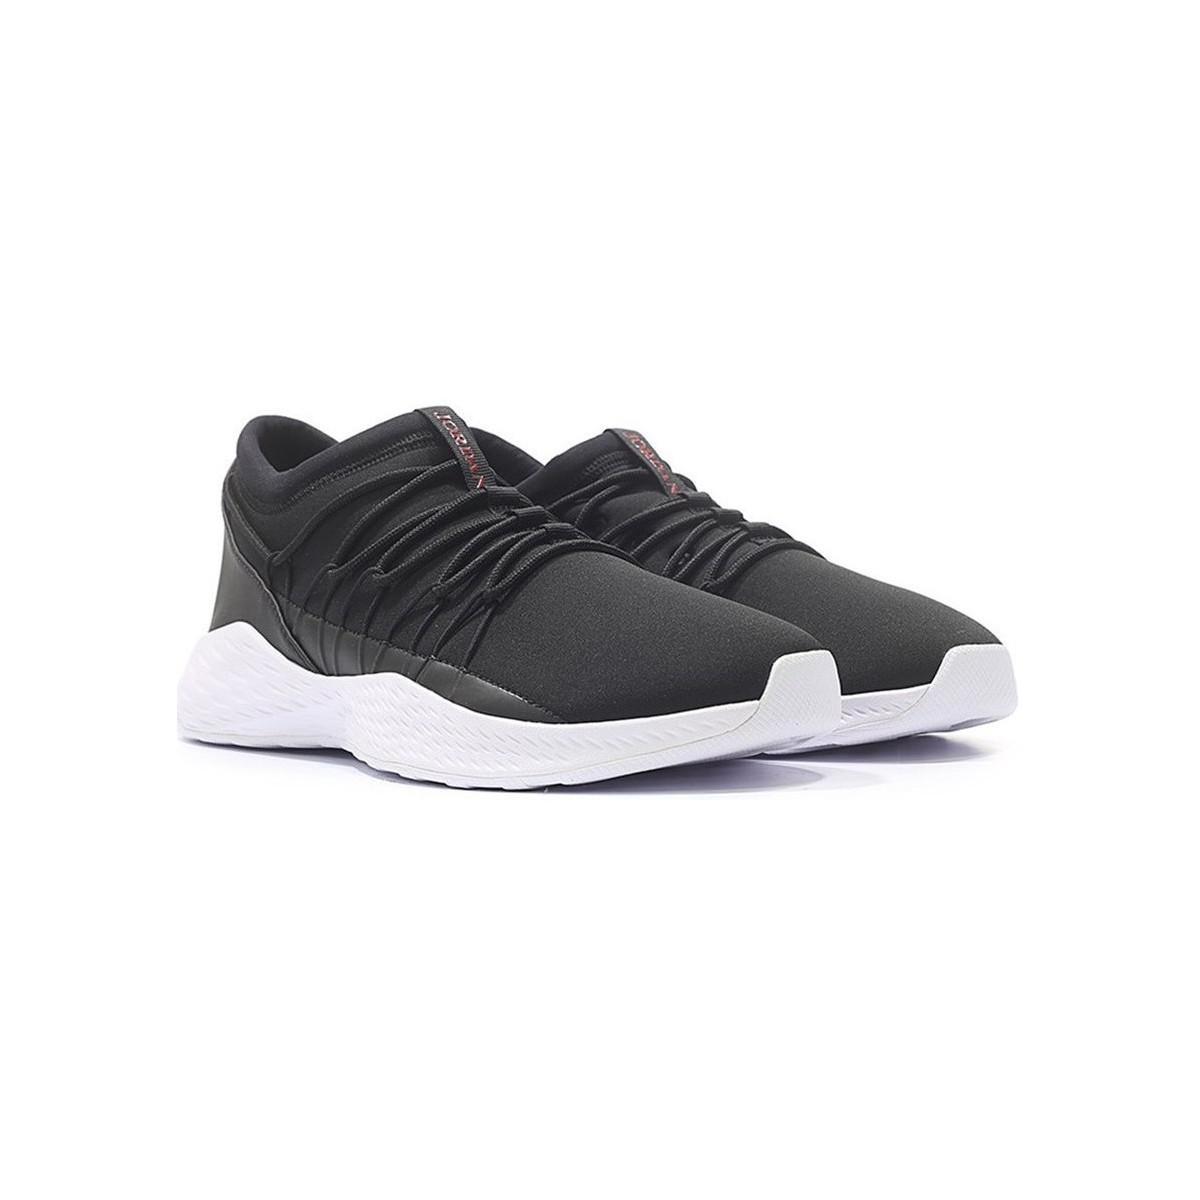 63e8d9cc9aa Gallery. Previously sold at: Spartoo · Men's Nike Air Jordan Men's Nike  Jordan Low ...